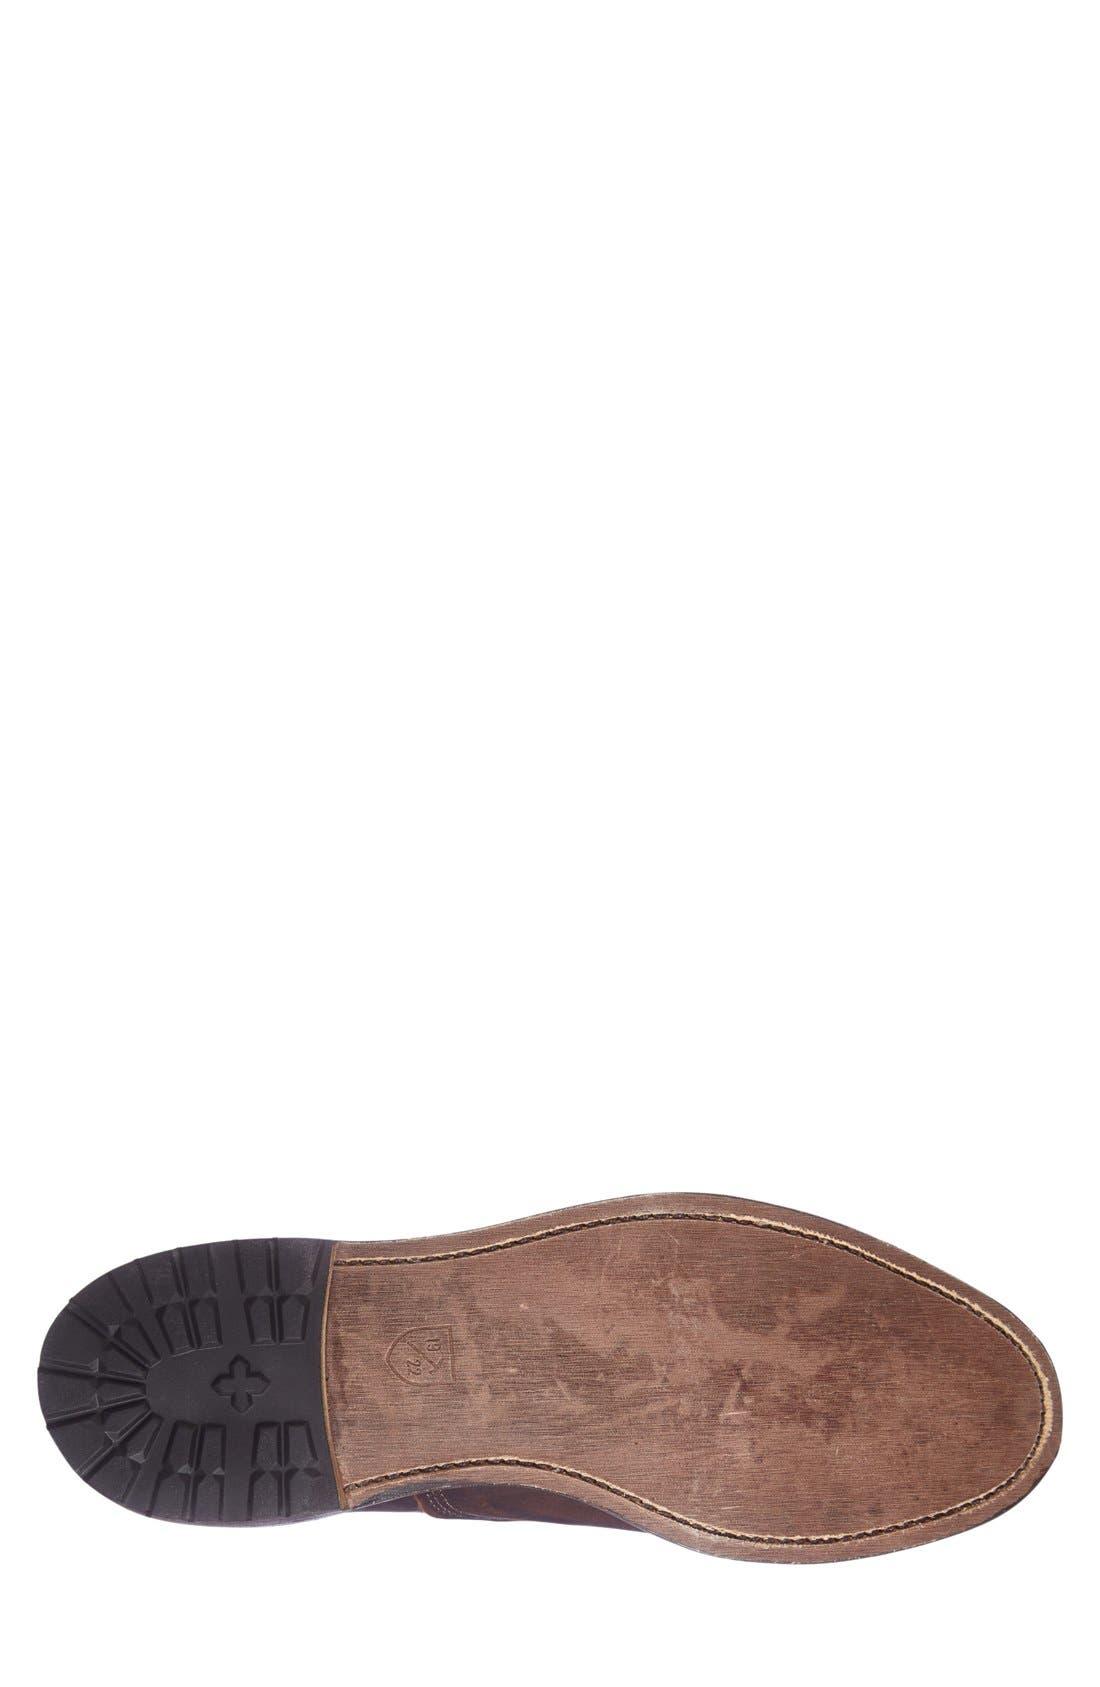 Alternate Image 4  - Allen Edmonds 'Overlord' Water Resistant Cap Toe Oxford (Men)